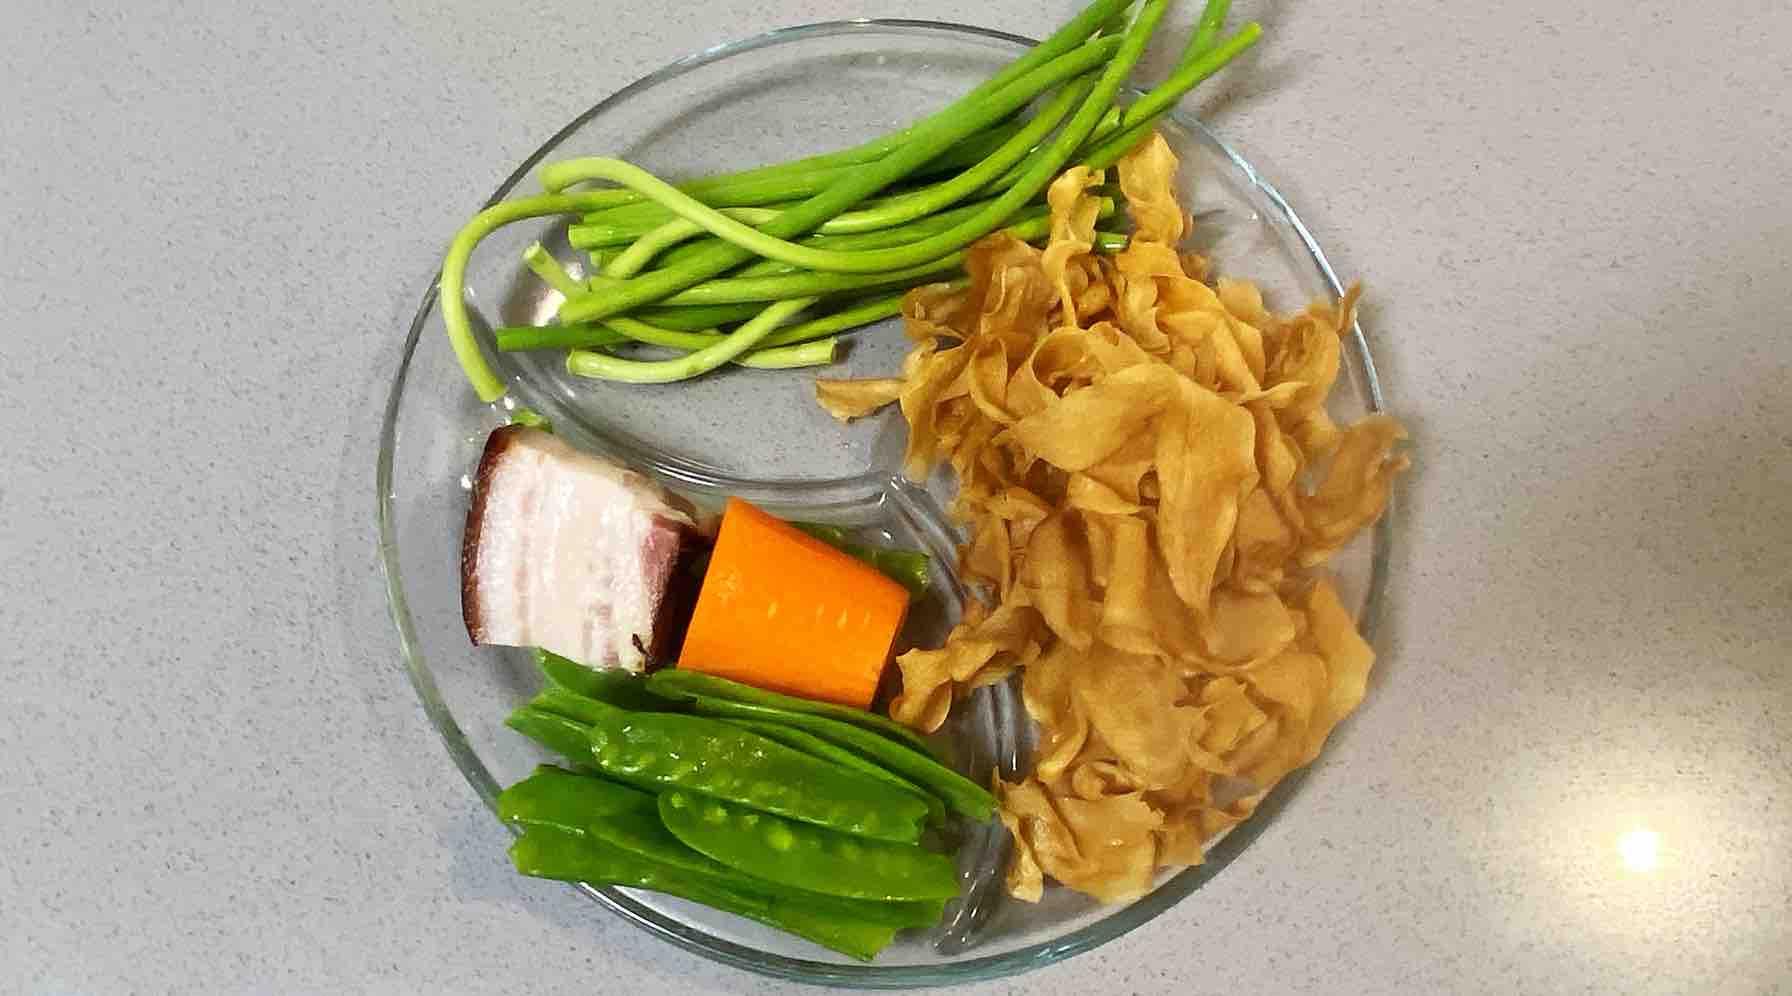 【孕妇食谱】腊肉杏鲍菇炒荷兰豆,口感劲道,腊味扑鼻,色香又味美的做法大全